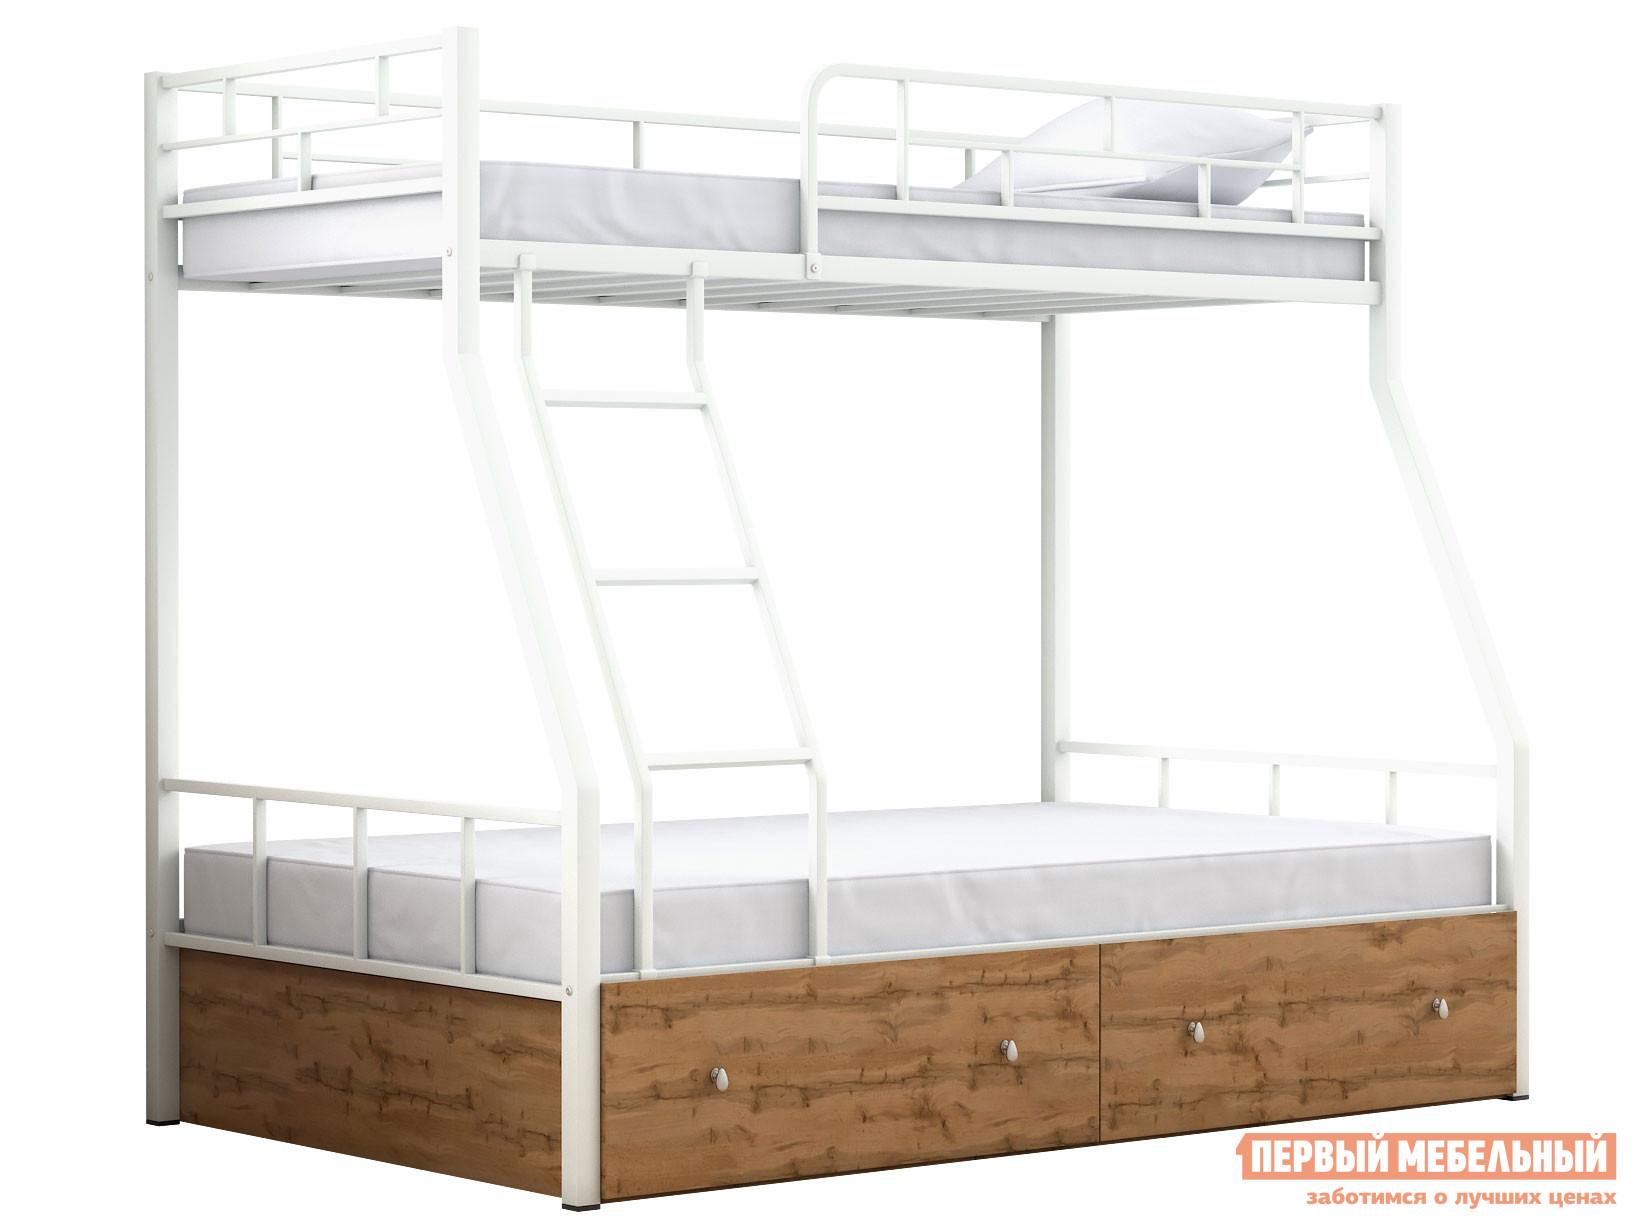 Кровать Двухъярусная детская кровать Раута с ящиками Белый, Дуб ватан фото